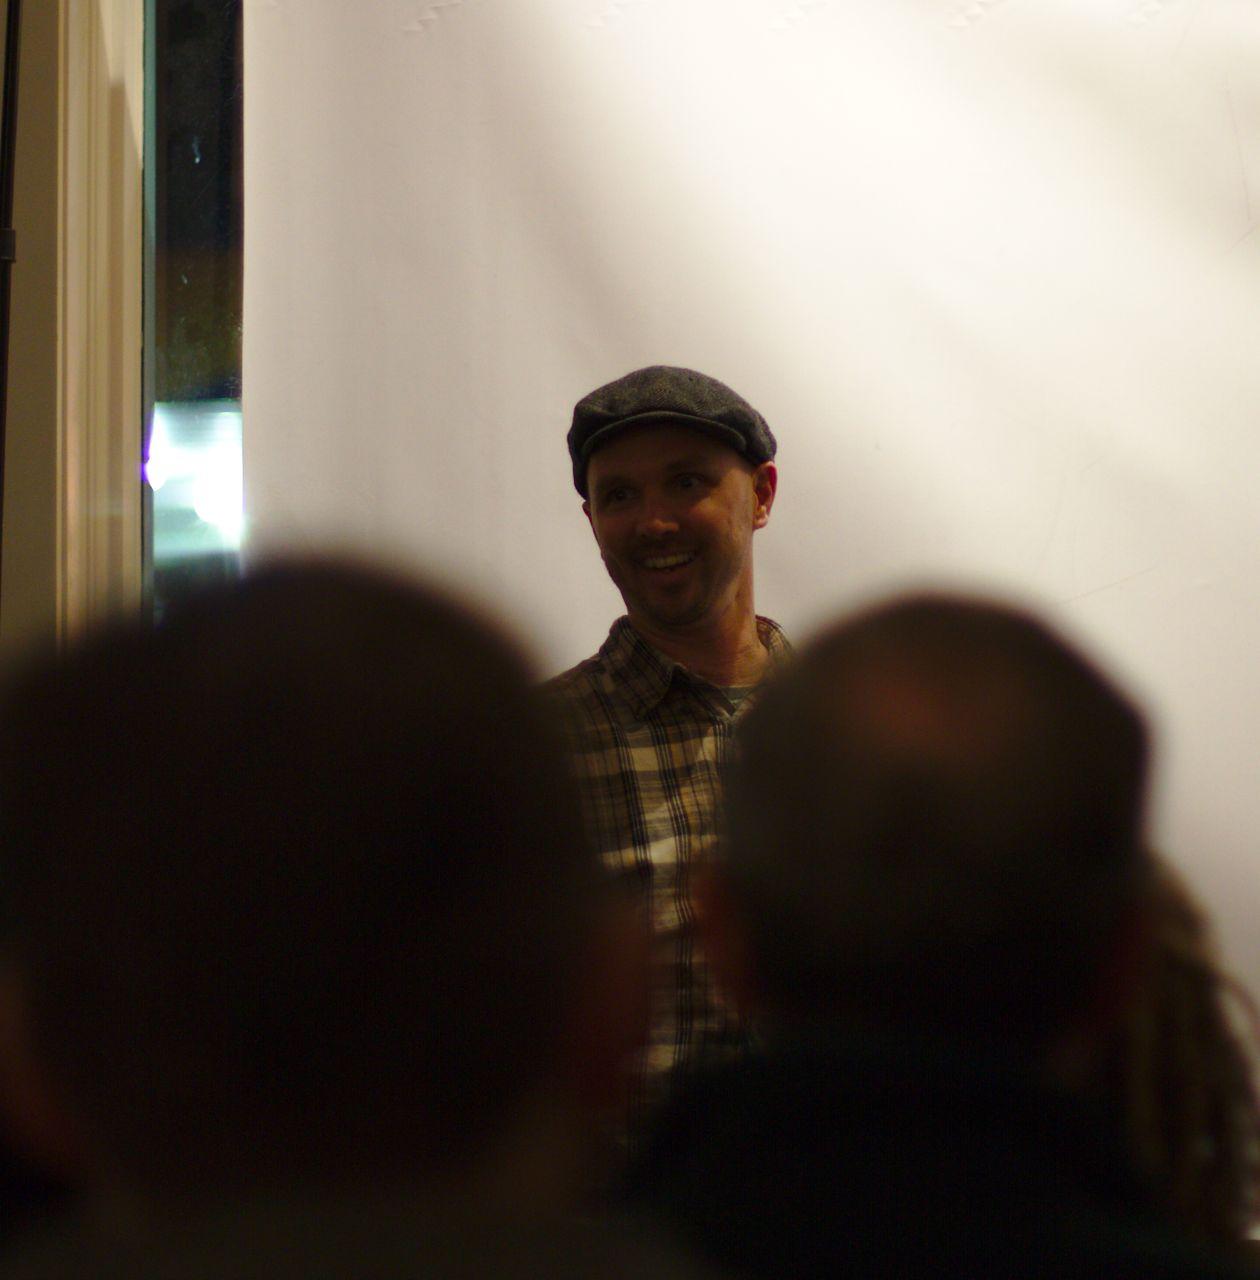 Filmmaker Q&A at PSFN #4, December 2013